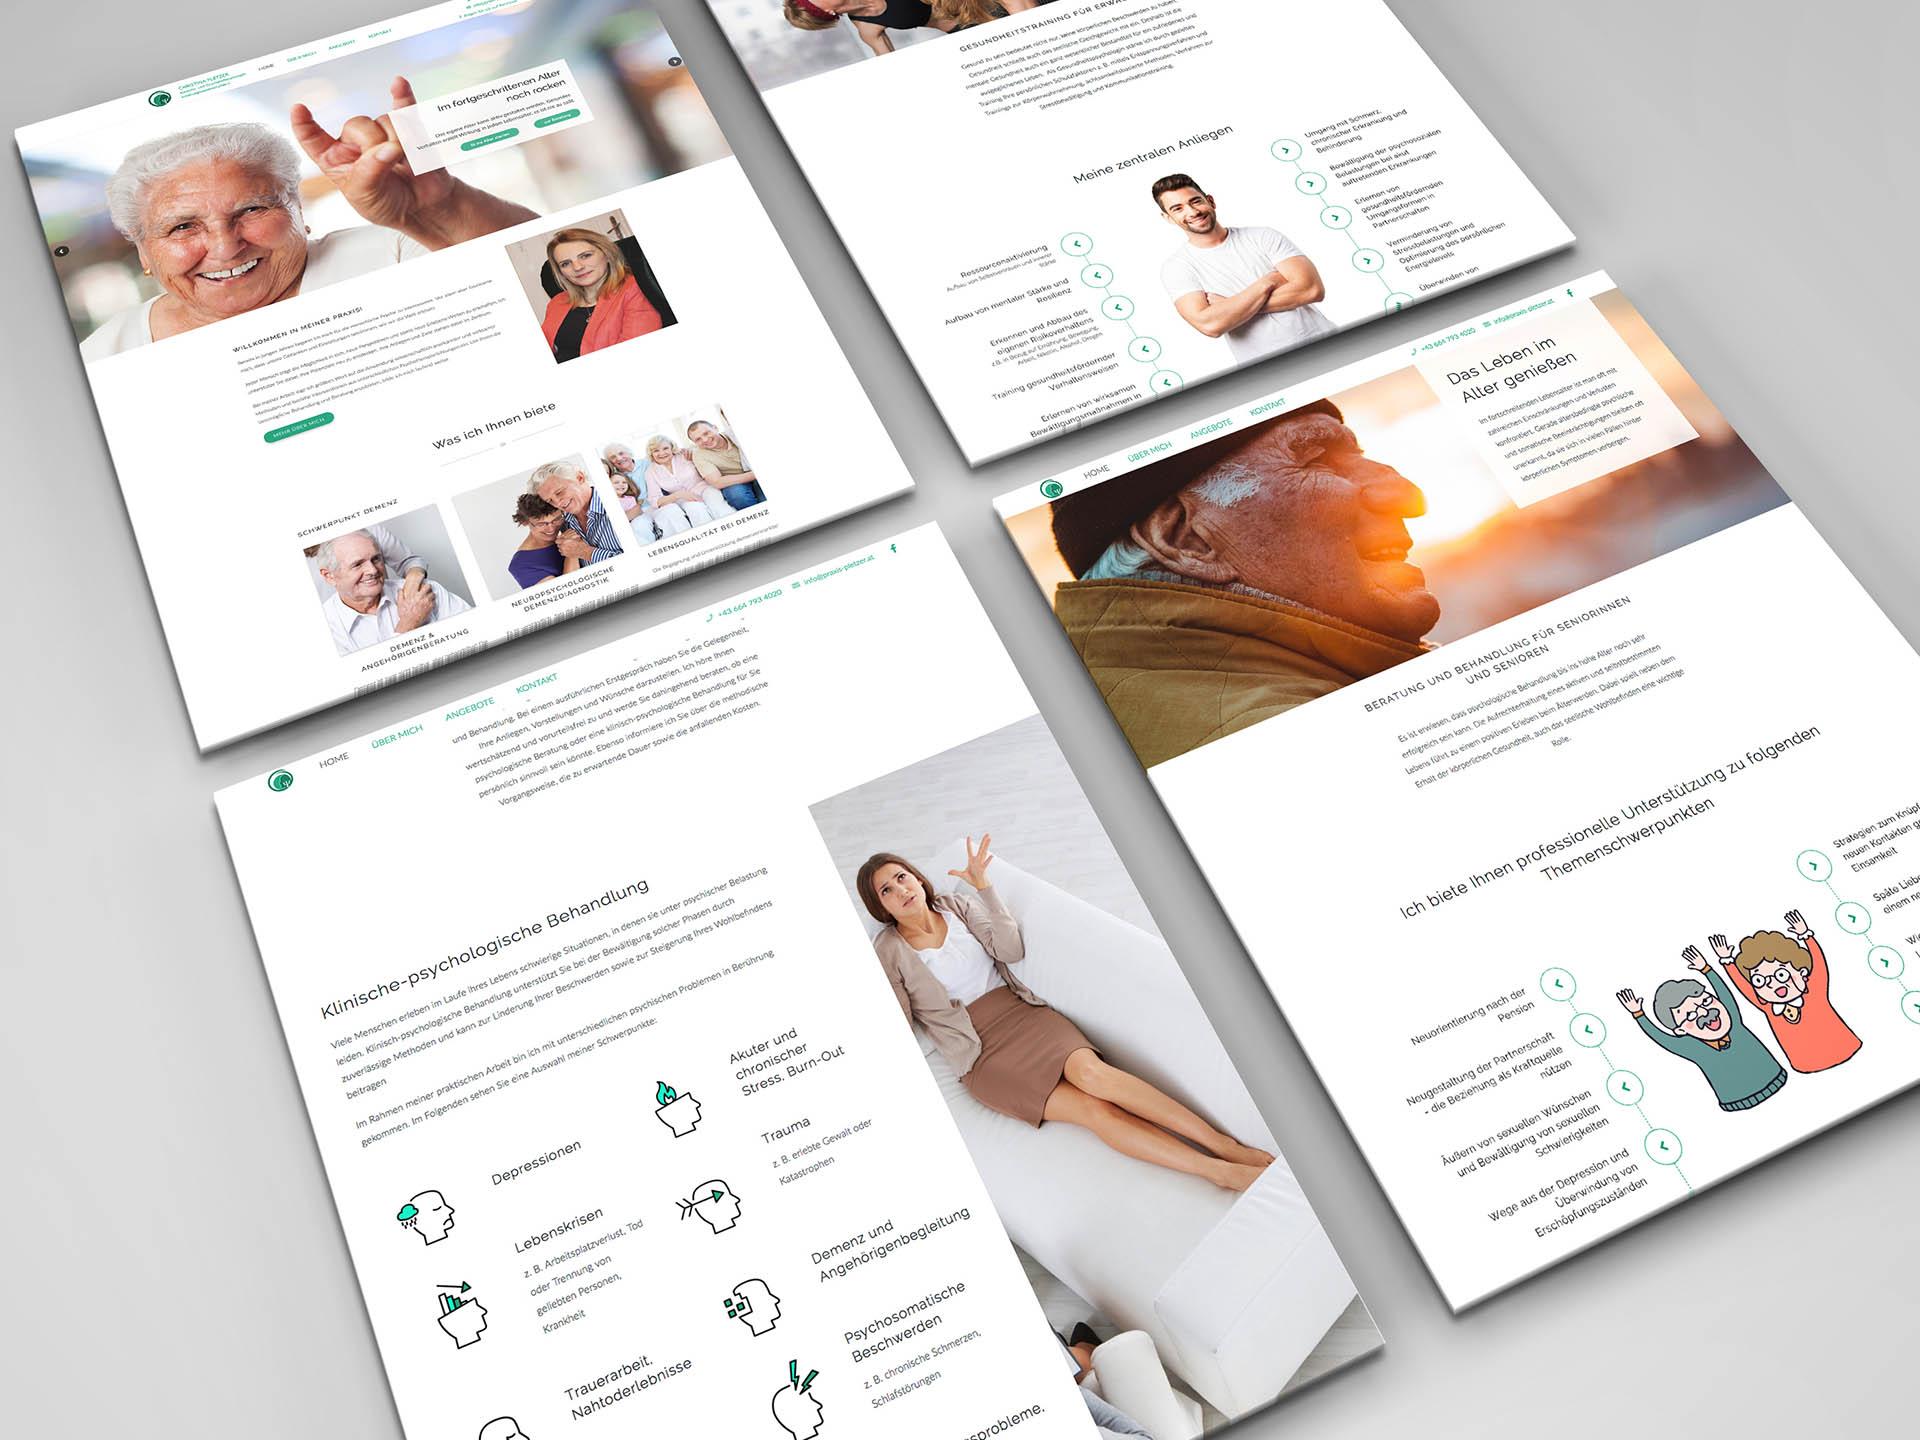 minuteman's Portfolio - Webdesign für die psychologische Praxis Pletzer in Innsbruck für Demenzkranke - Aufnahmen der Webseite